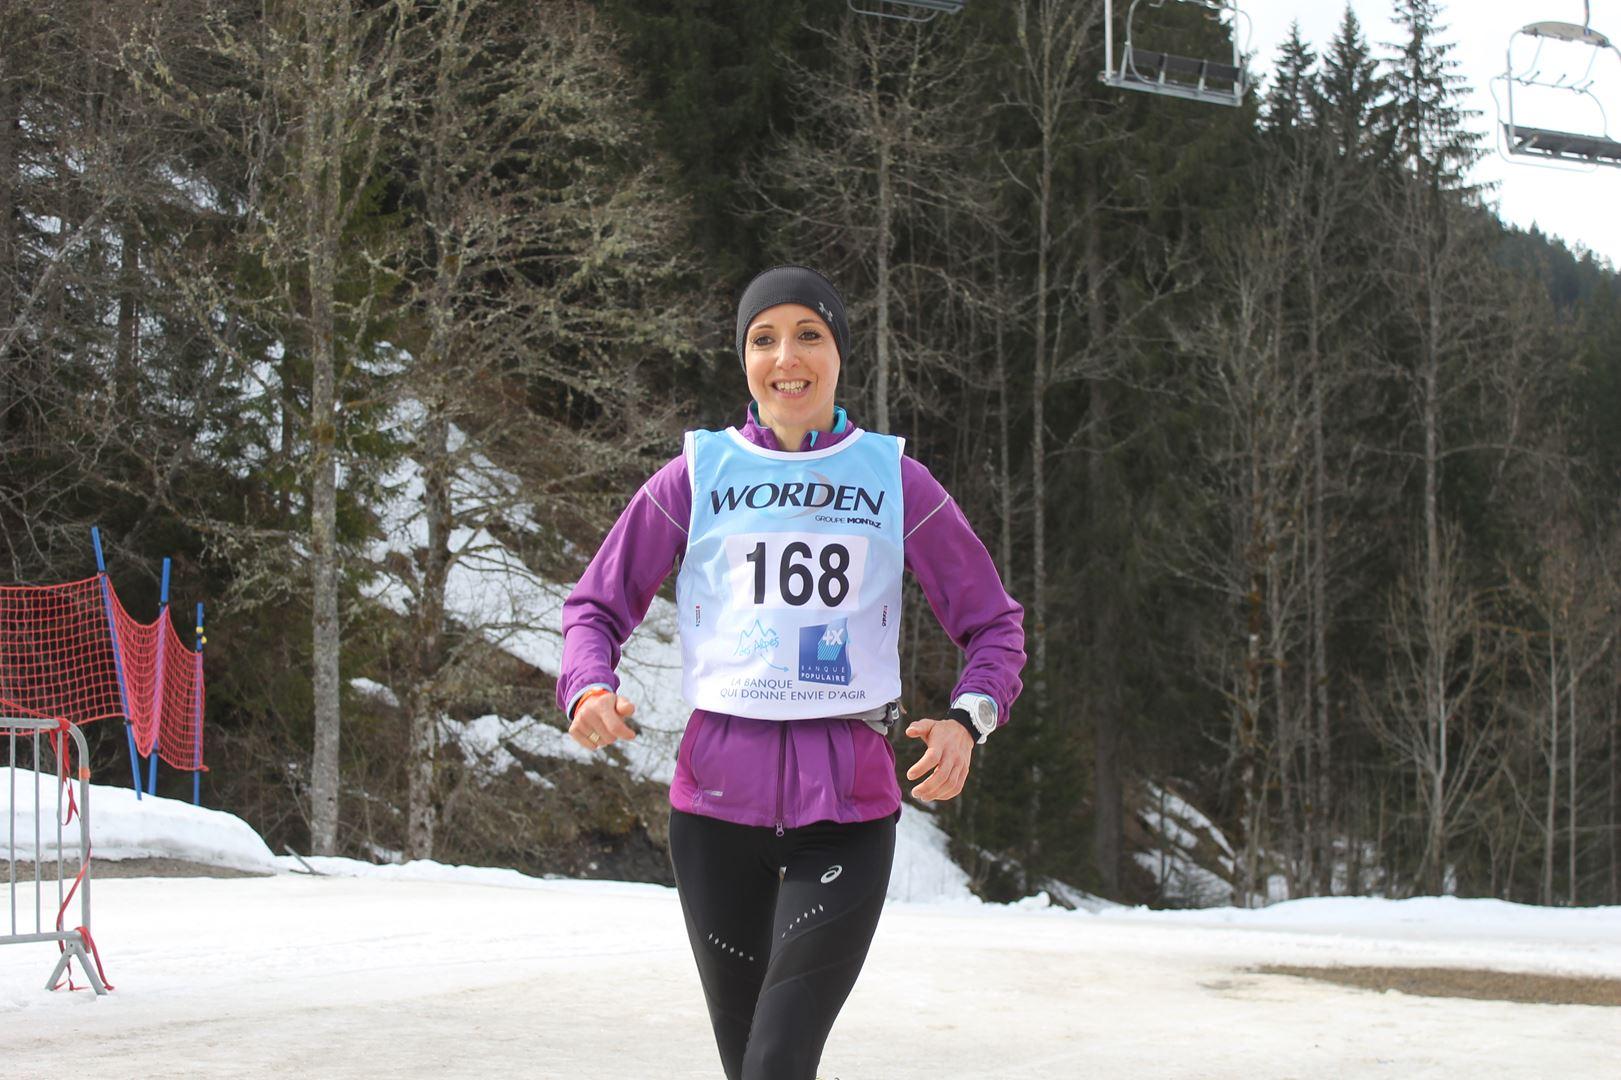 Arrivée heureuse de Mélina Muffat 2ème femme - RESULTATS ET REPORTAGE SUR LA 8EME EDITION DE l'ARAVIS SNOW TRAIL  (LA GIETTAZ 73)